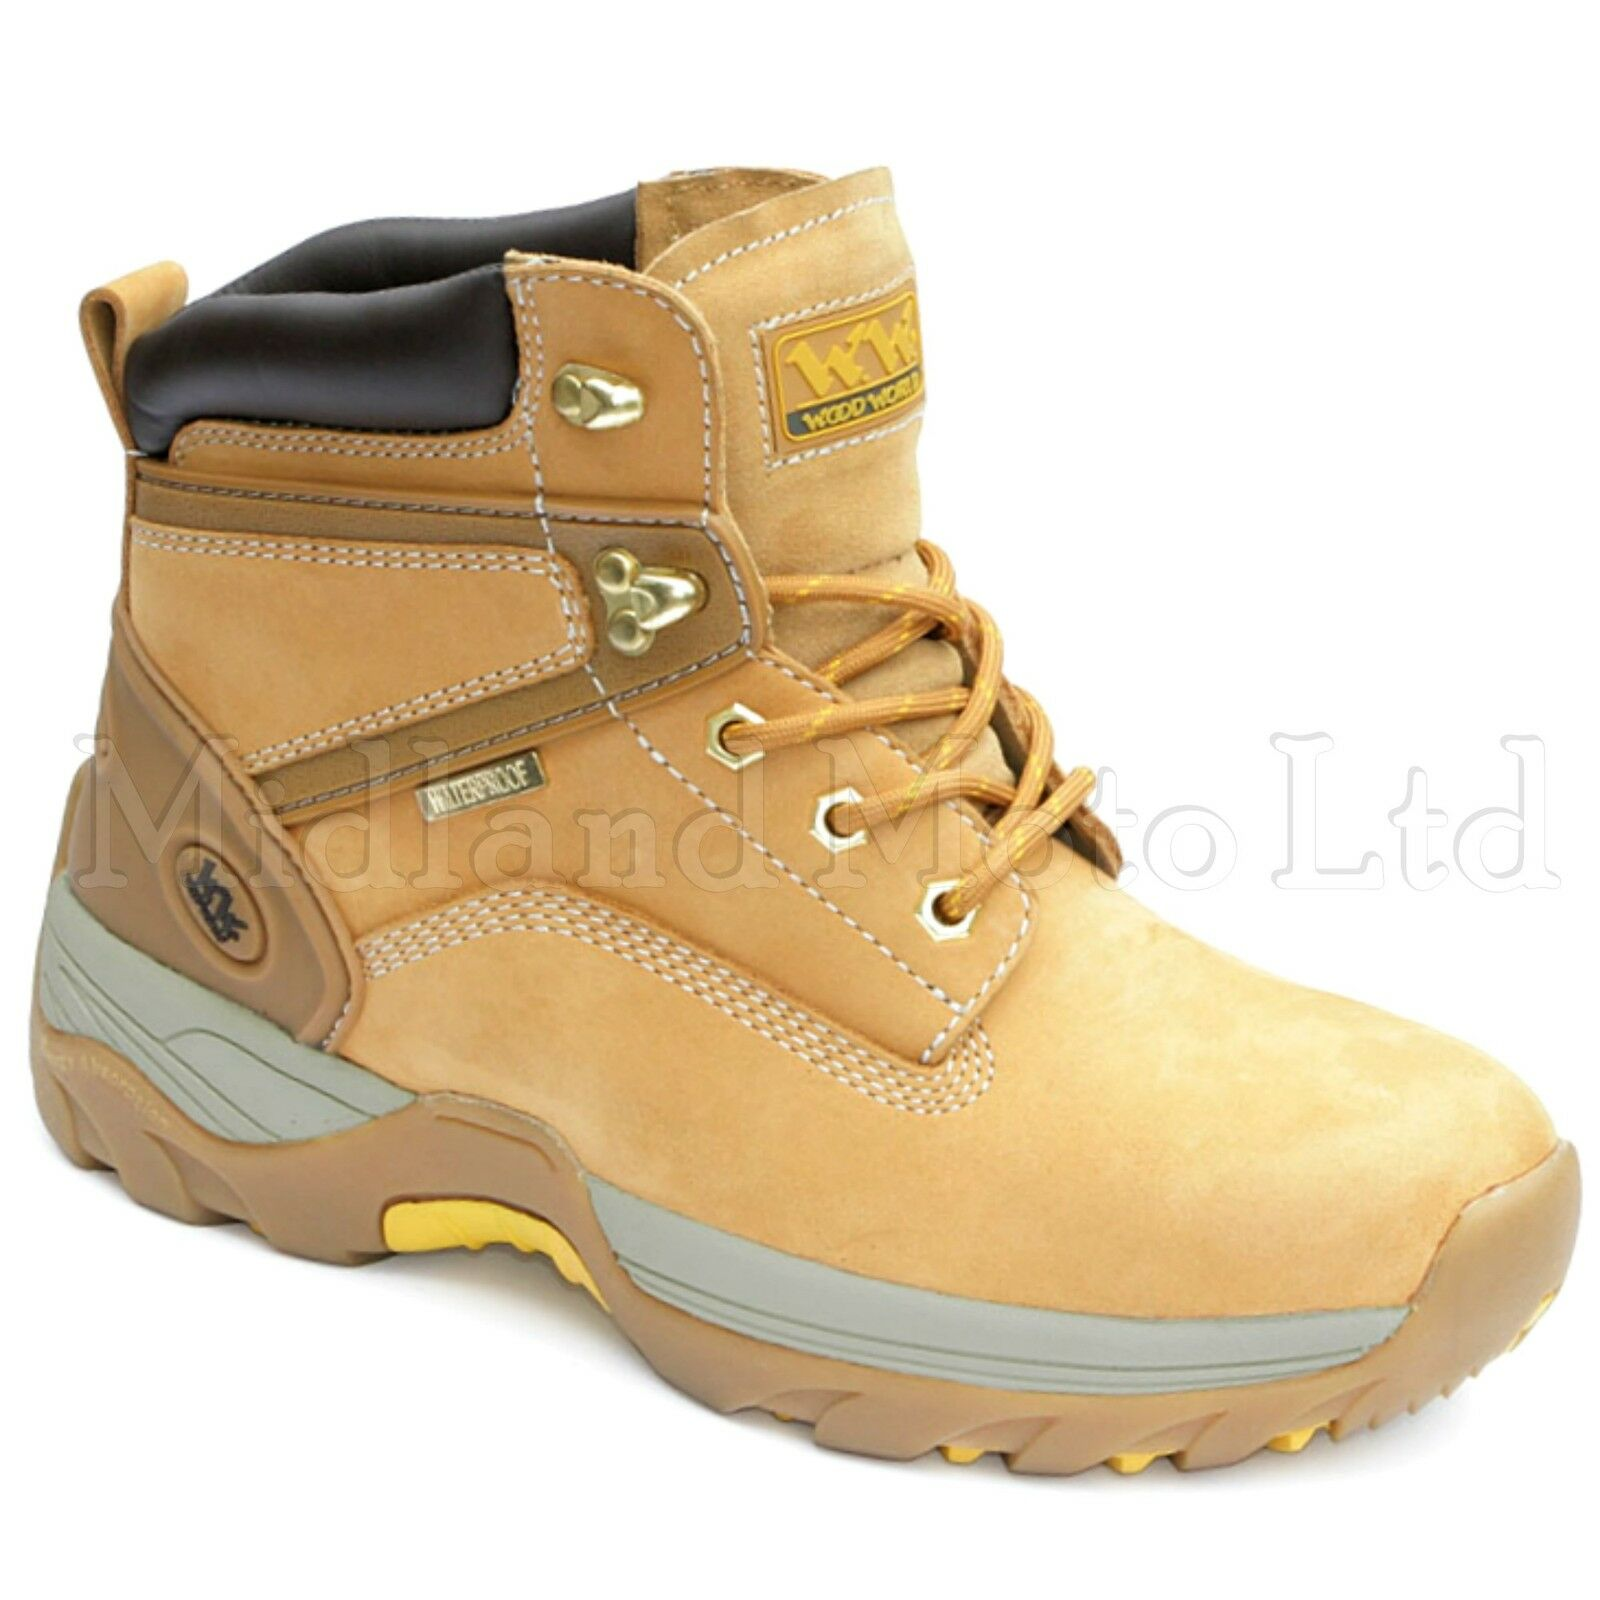 Wood di World Punta Acciaio Sicurezza impermeabile in pelle di Wood nabuk stivali, scarpe, WW11 62d22d